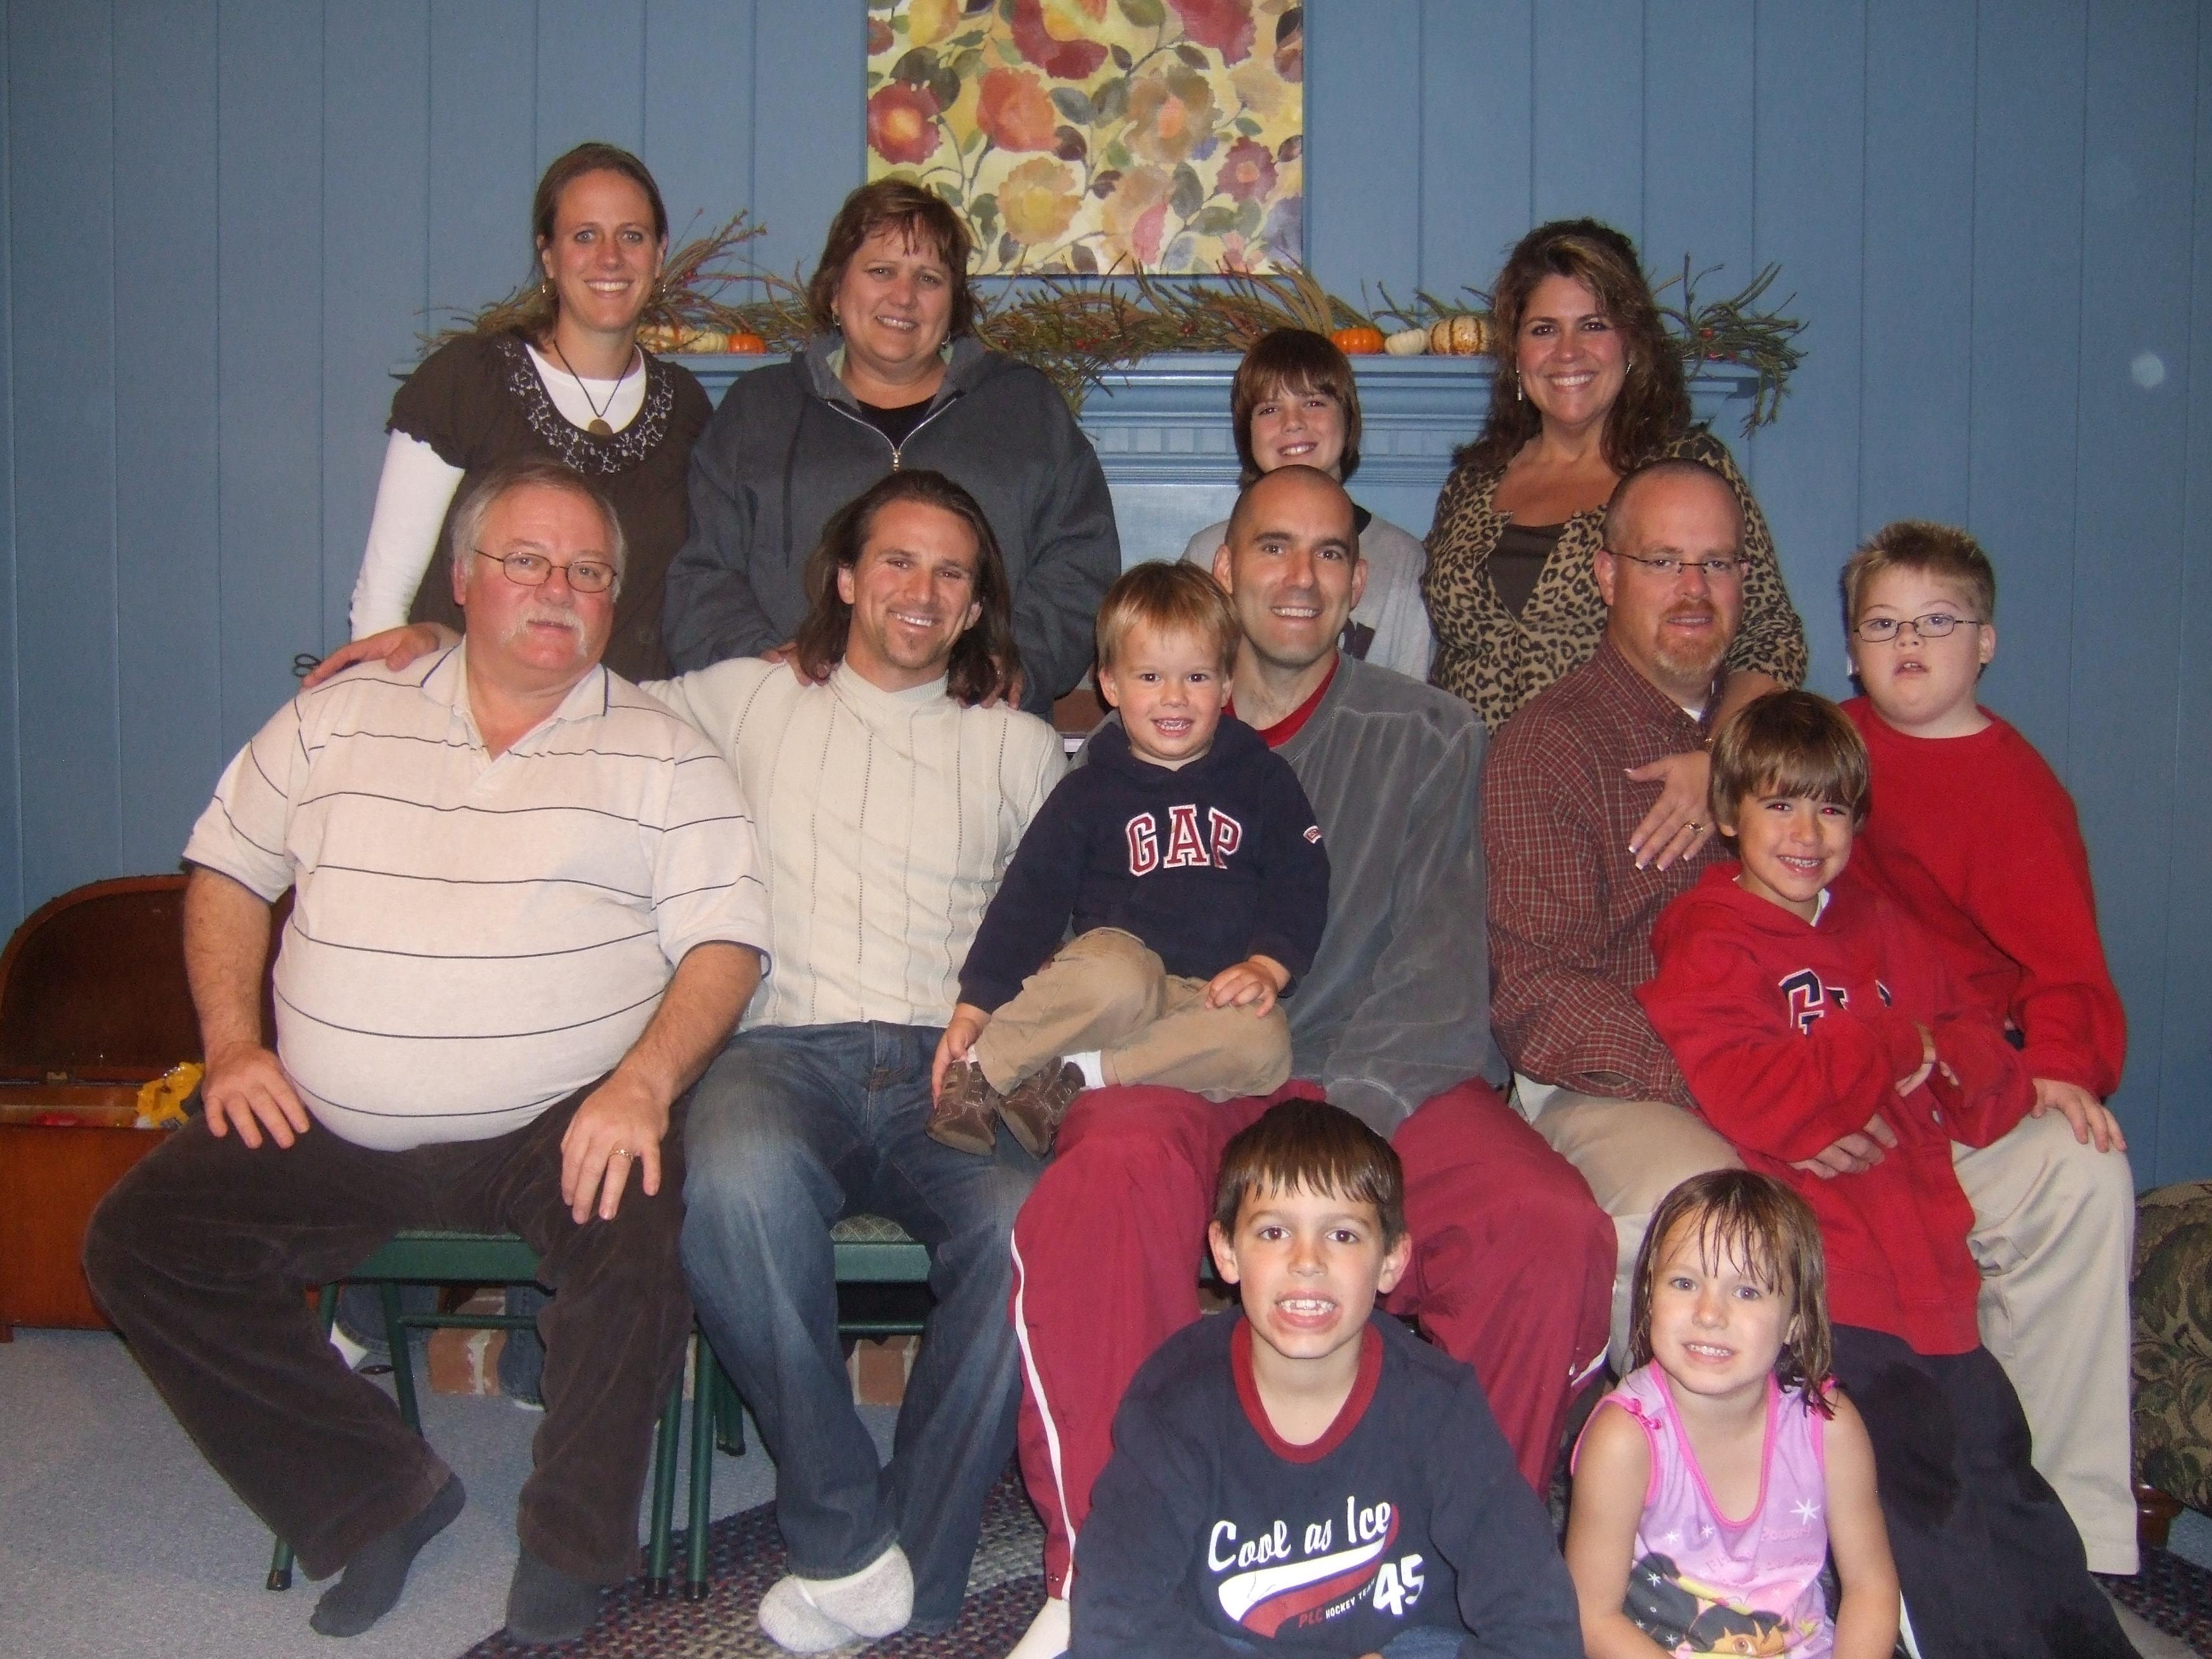 My Parents, Lester's and Uszynski's from Top Amy U, Bonnie (mom), Noah L, Debra L, *David (dad), me, Jack U, Ed U, Jason L, Jonah L, Elijah L, * Eric U, Maria U